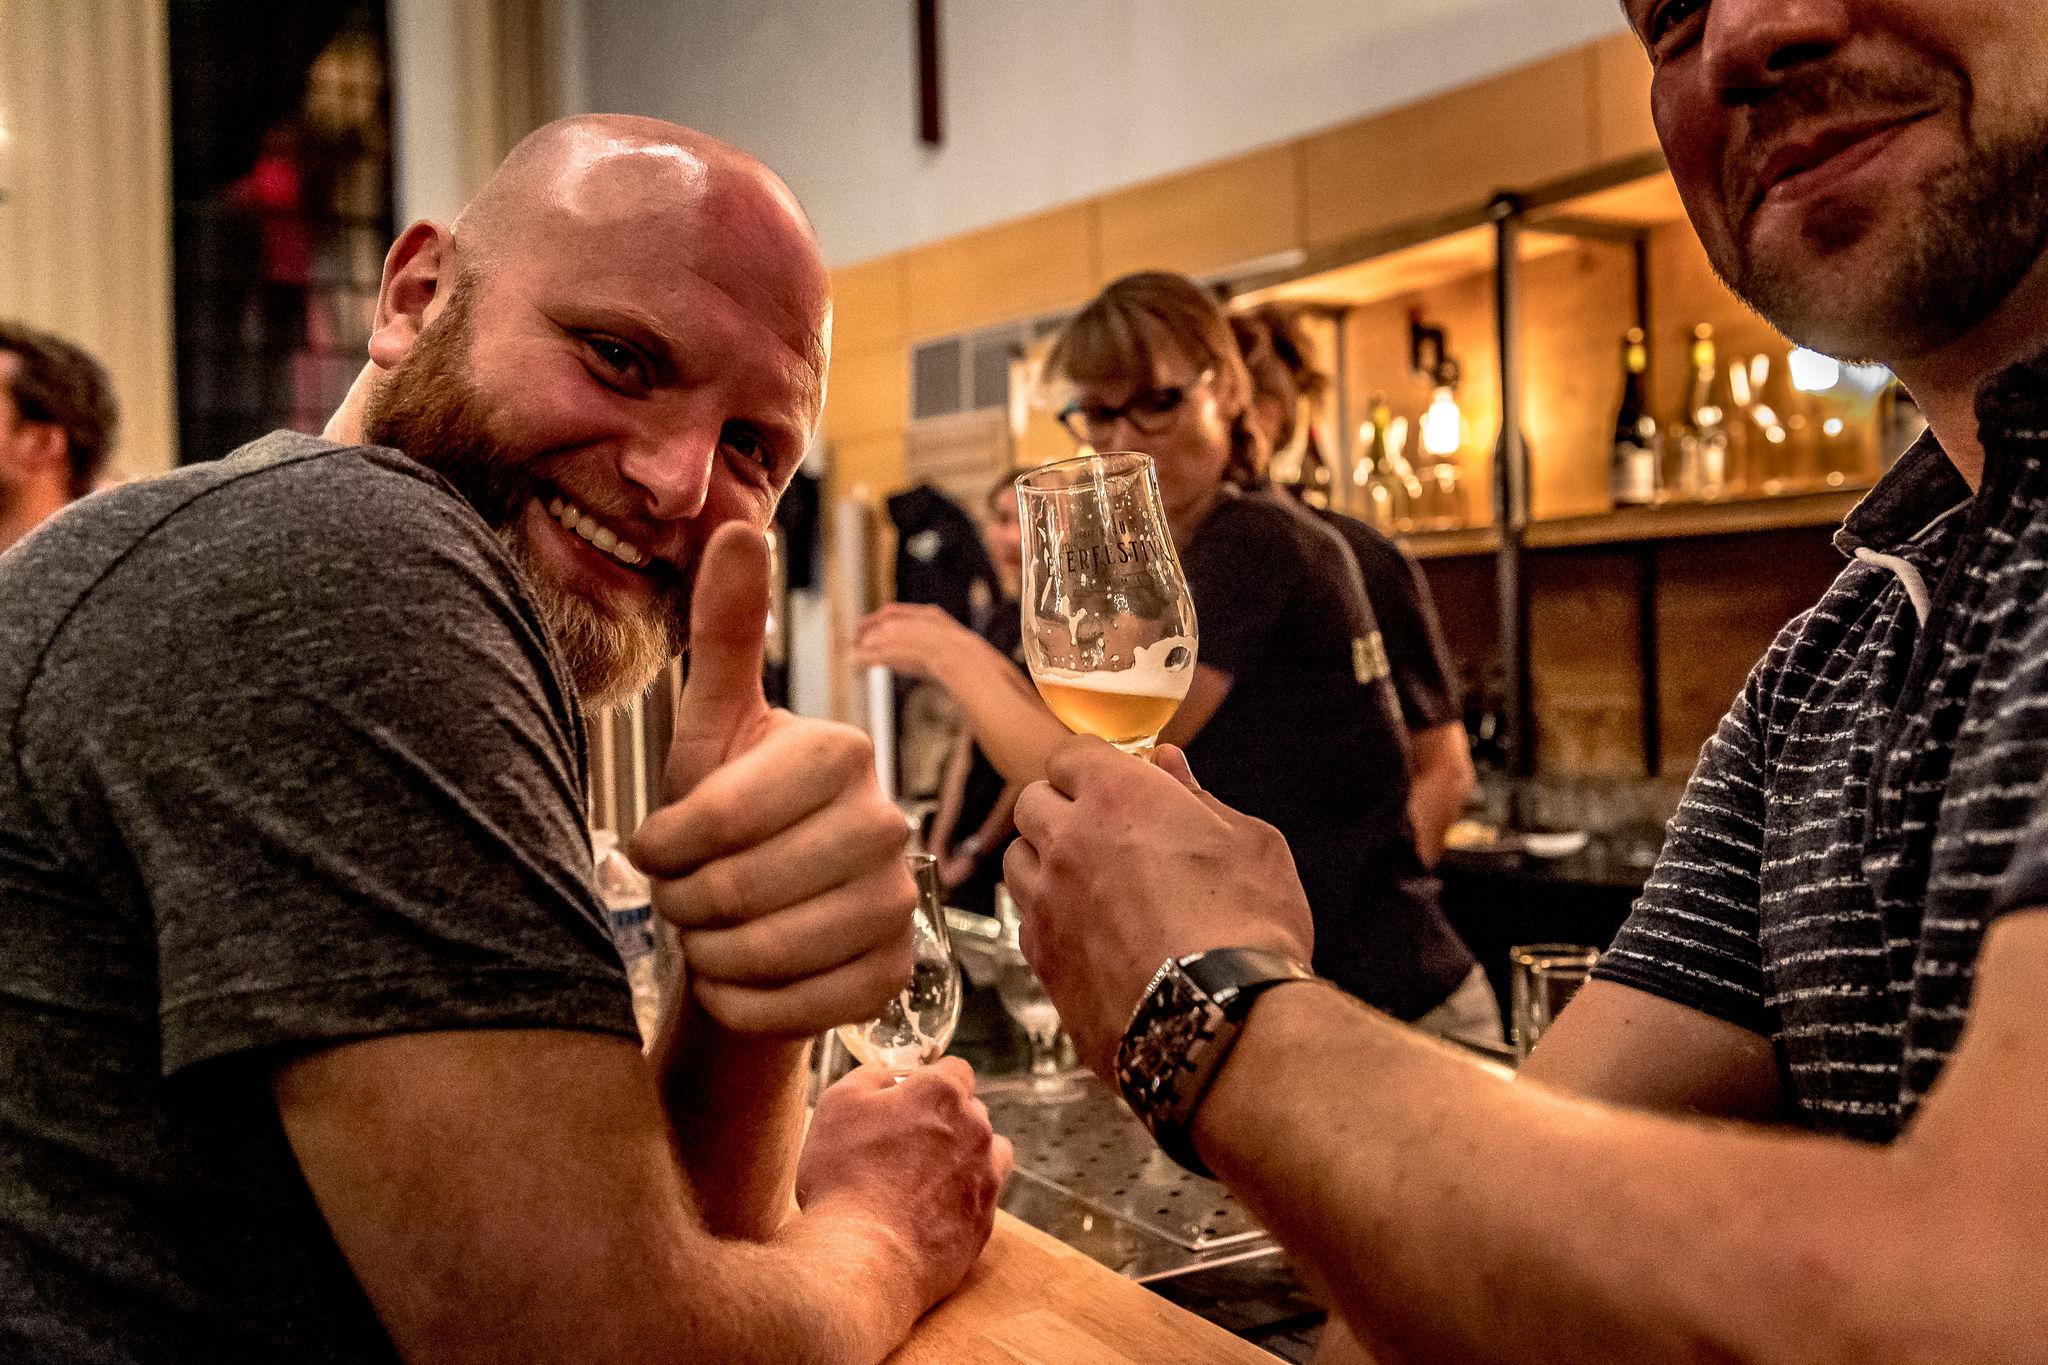 https://bierfestivalemmen.nl/wp-content/uploads/2019/02/bier_4017.jpg